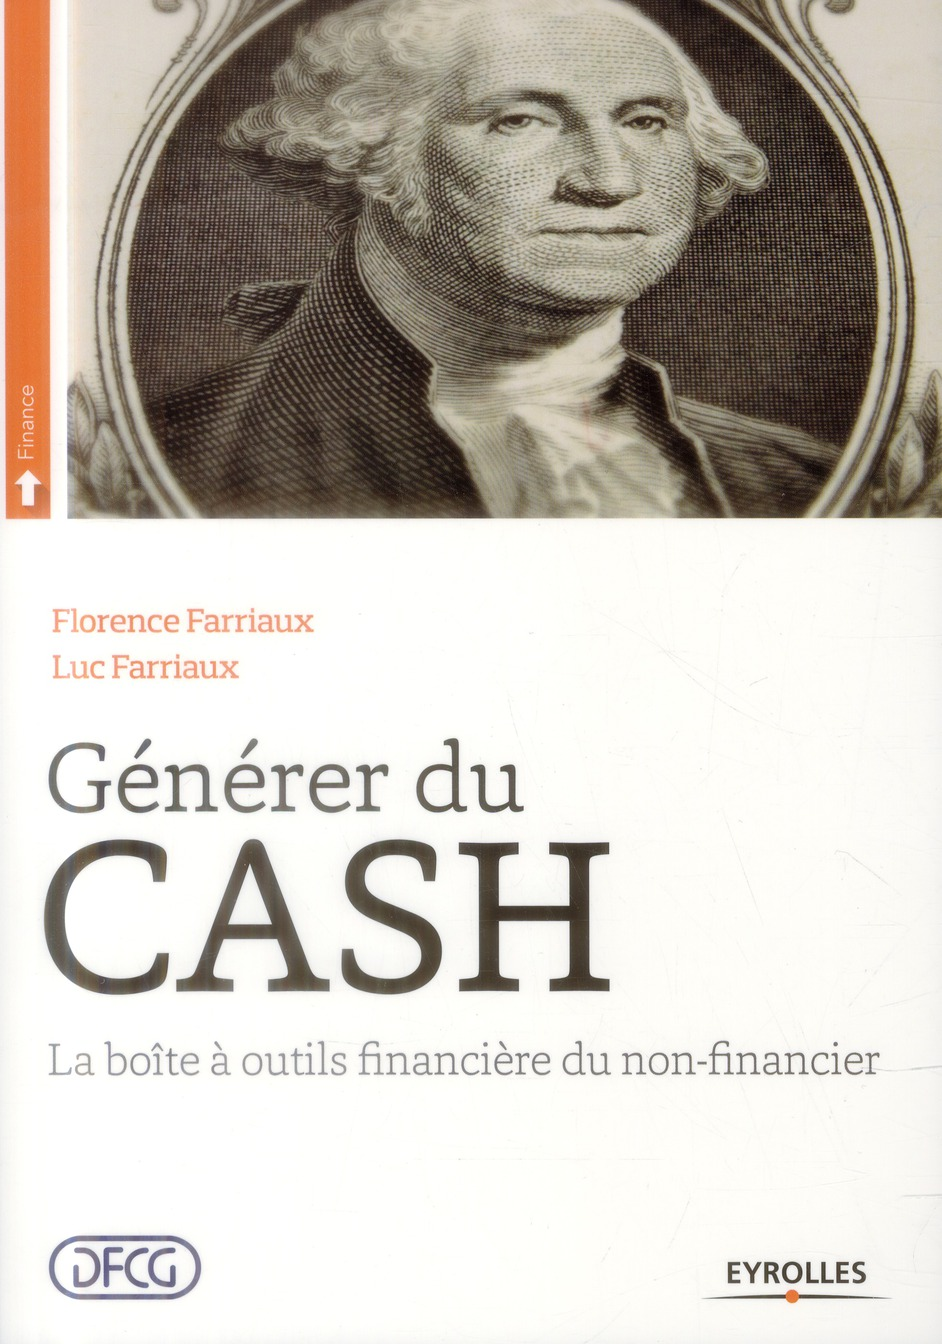 GENERER DU CASH LA BOITE A OUTILS FINANCIERE DU NON-FINANCIER